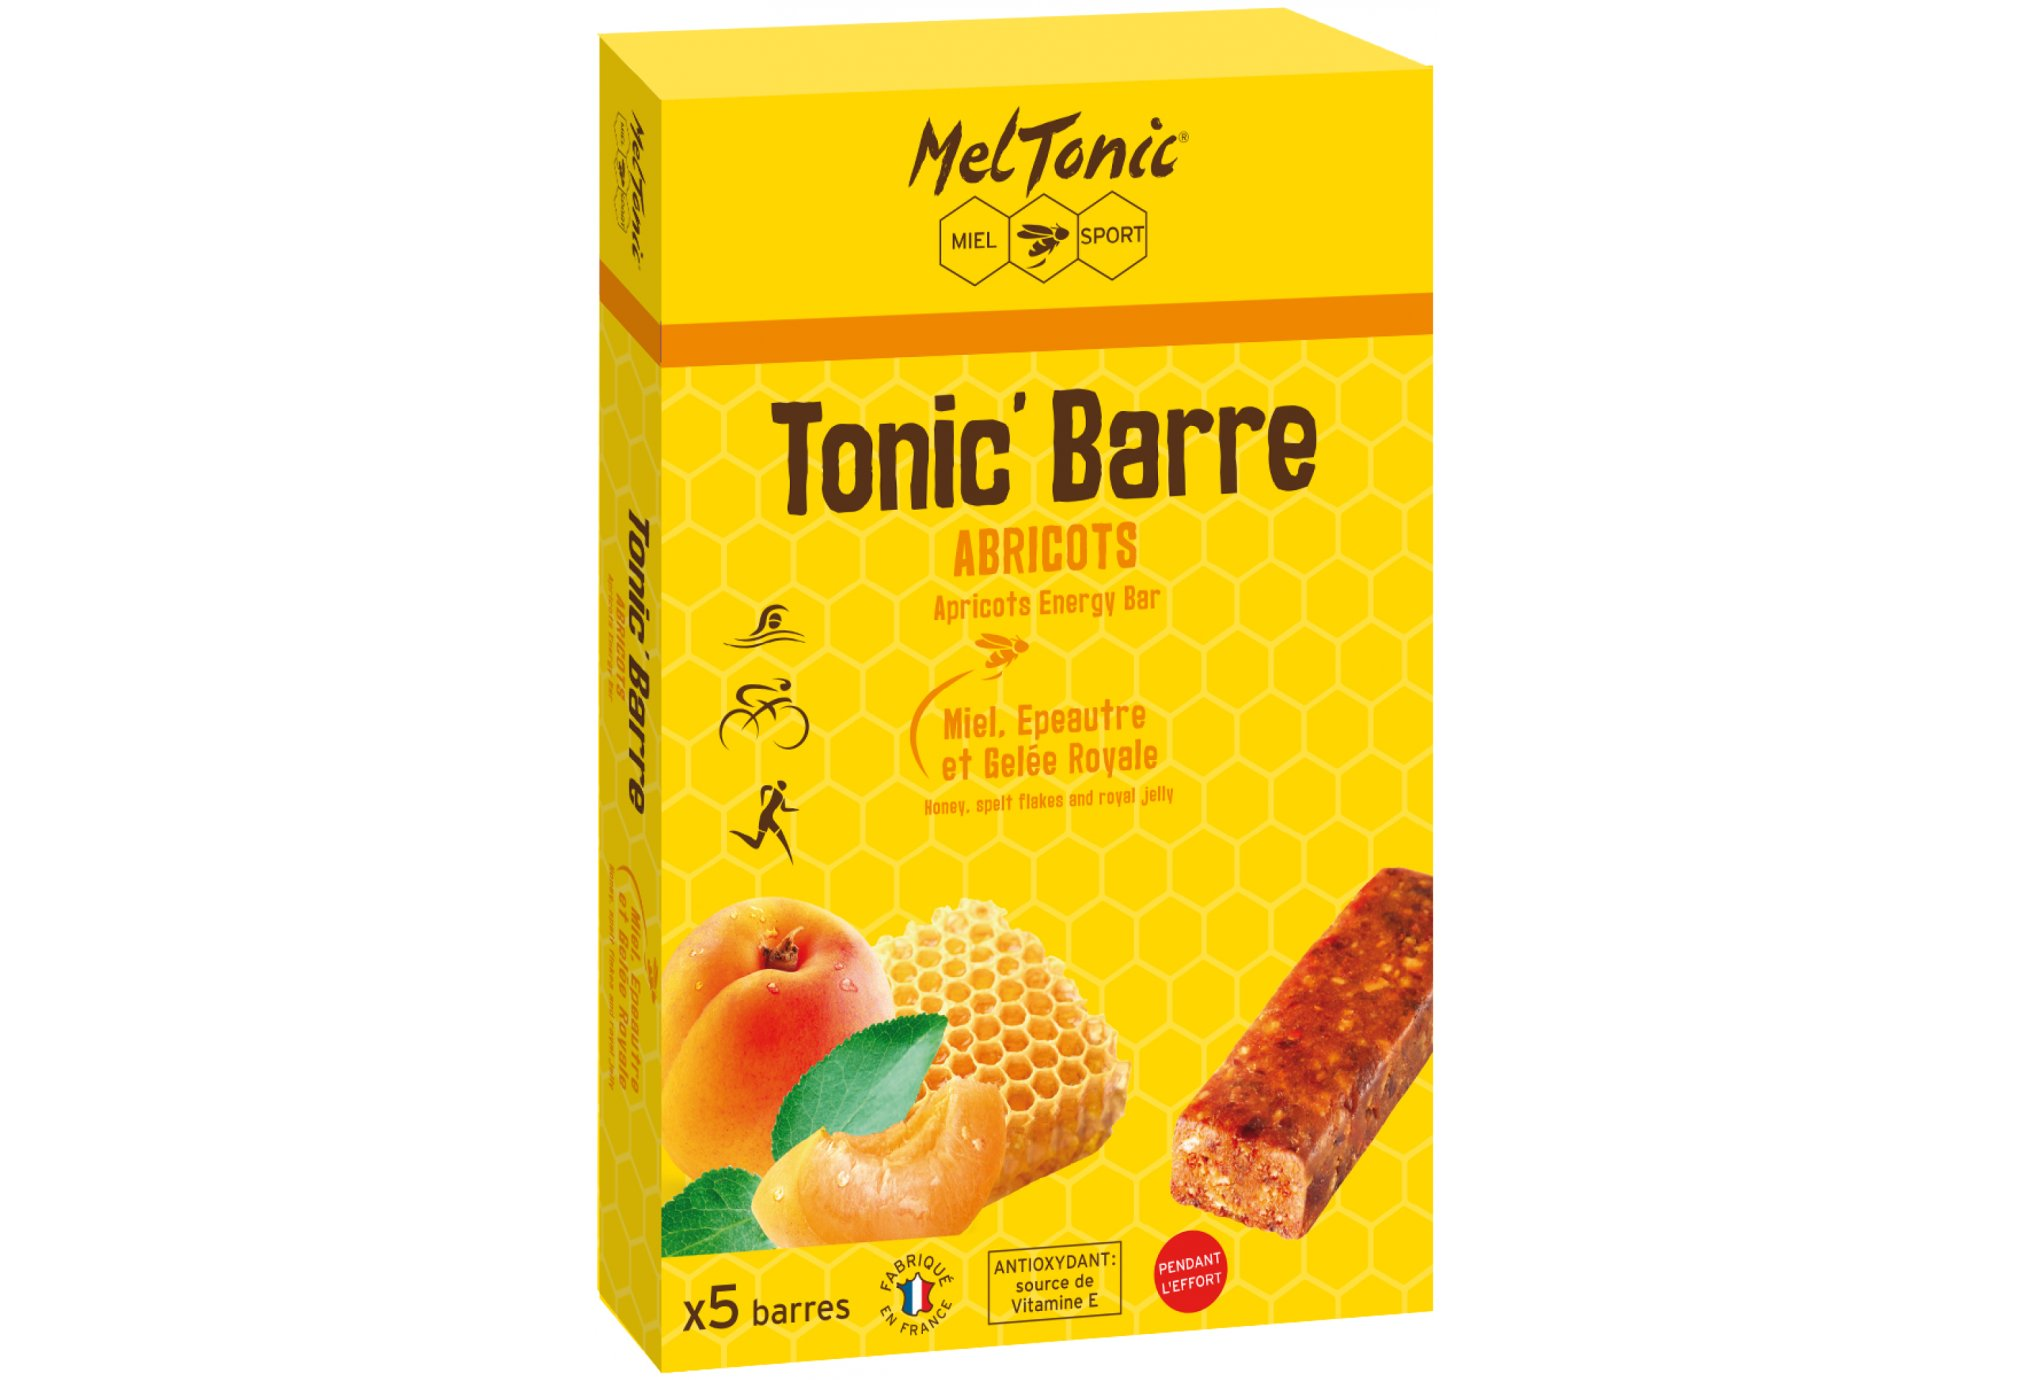 MelTonic Caja Tonic'Barre - Albaricoque Miel Diététique Barres